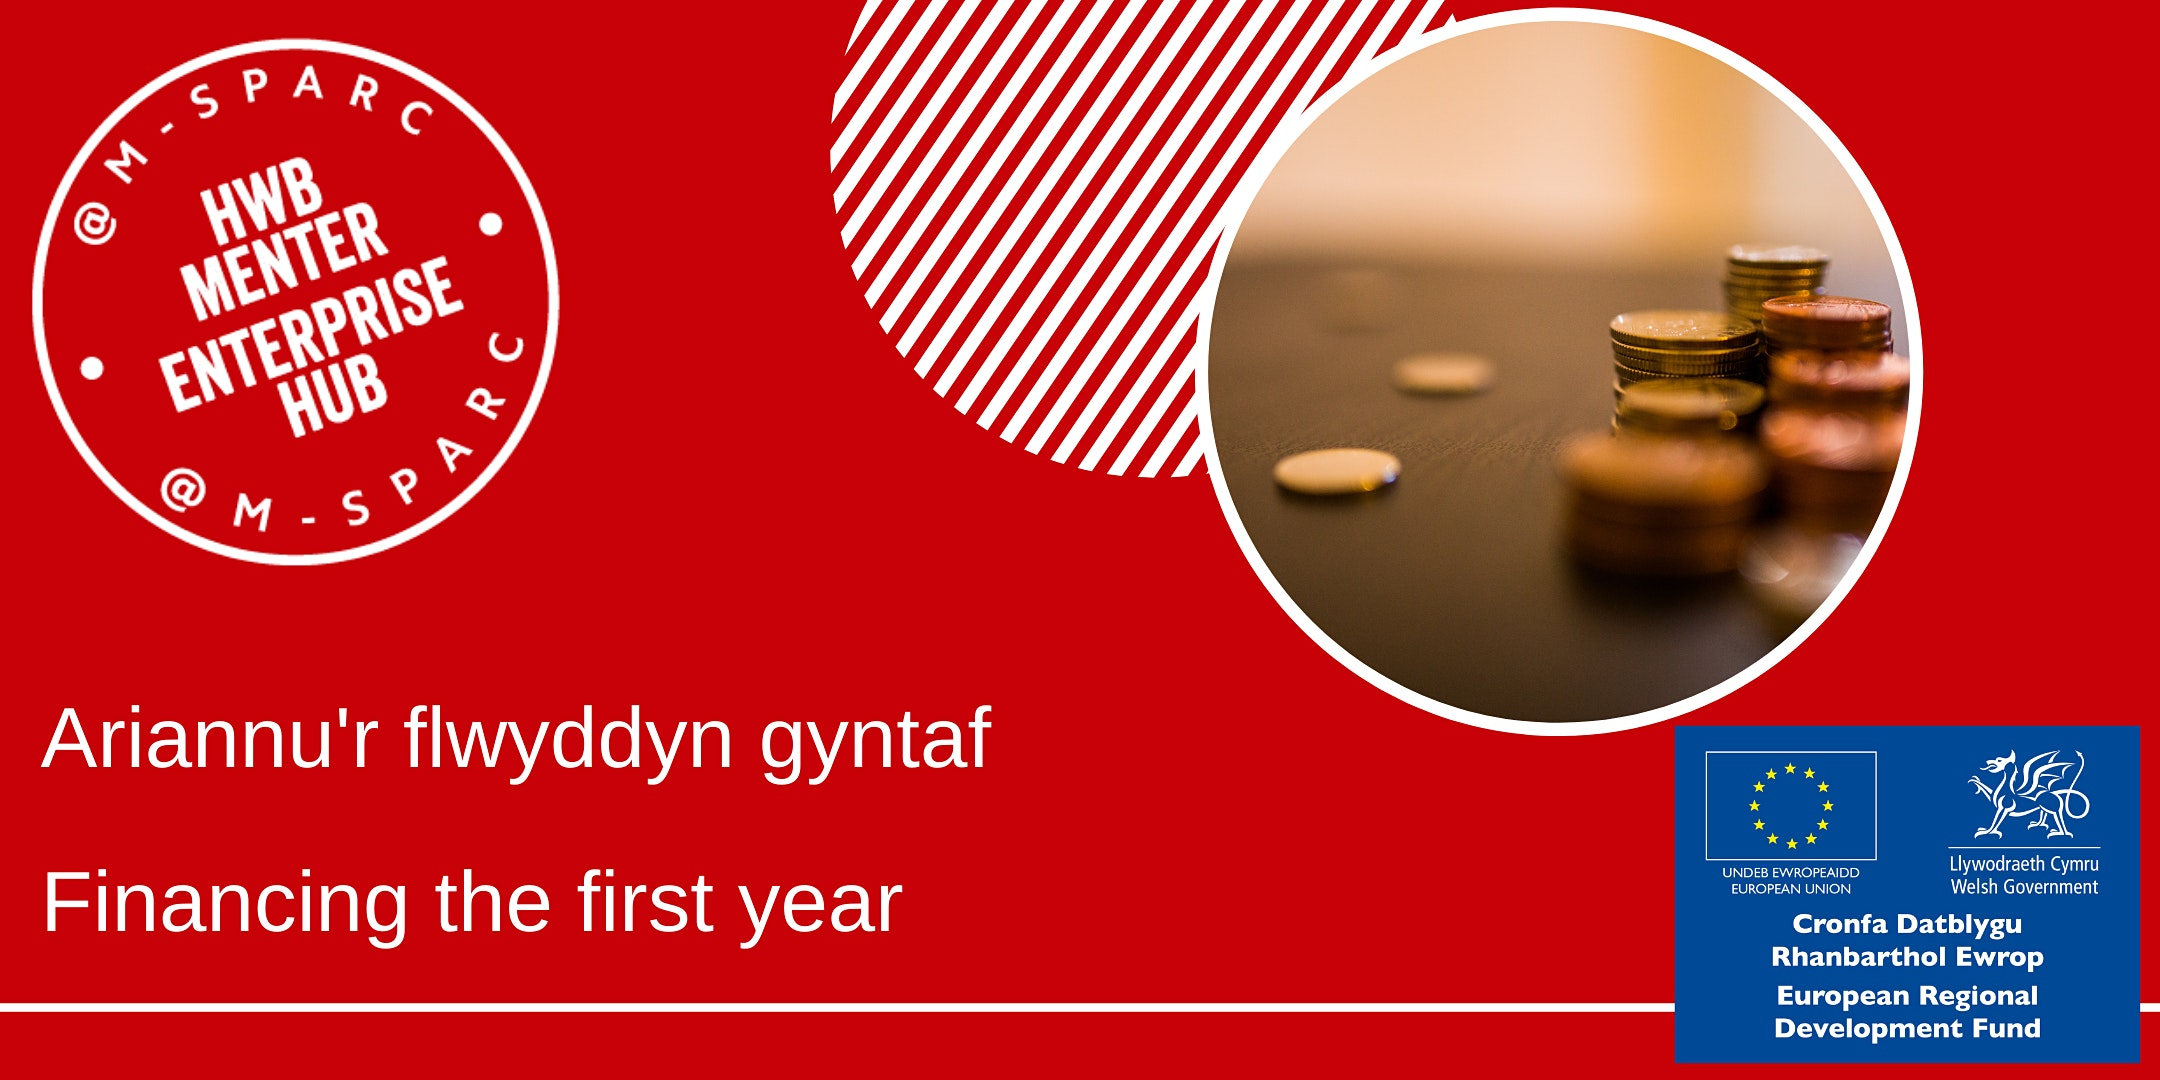 Ariannu'r flwyddyn gyntaf - Financing the First year